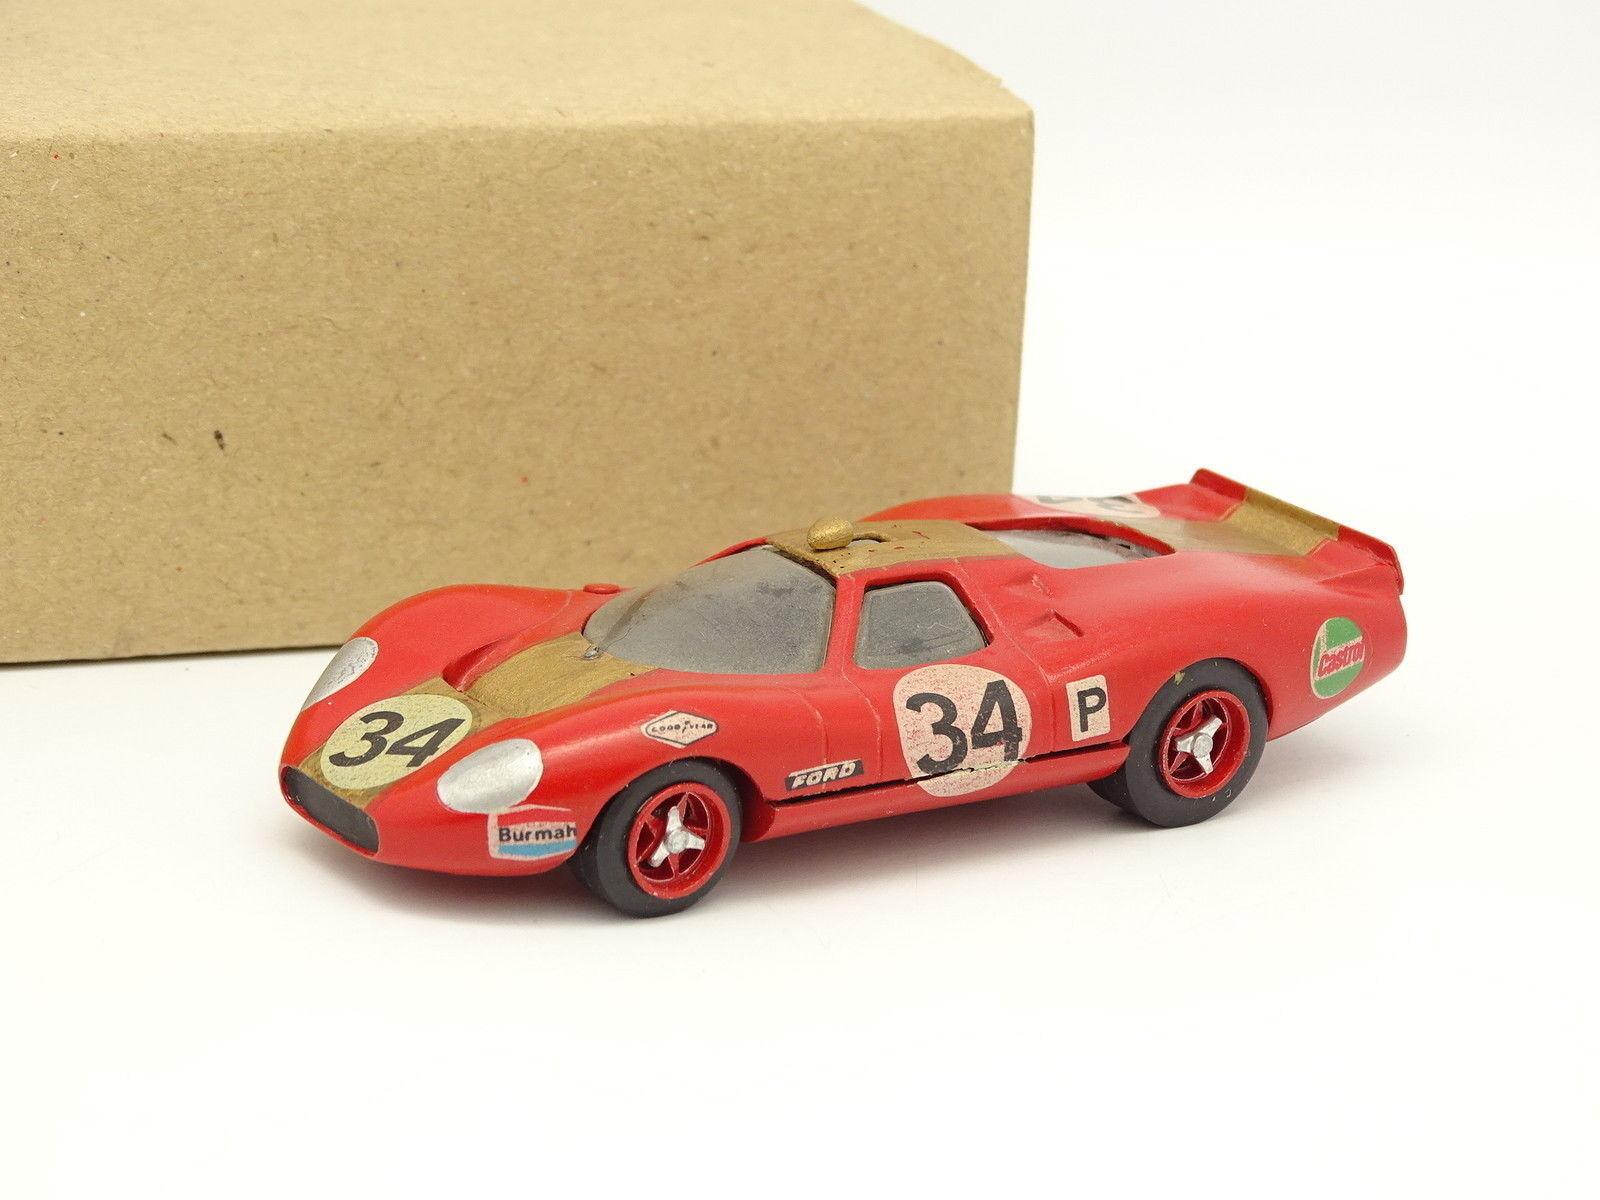 Grand - prix - modelle setzen aufgebaut metall 1   43 alan mann gr 34 marken luke ford